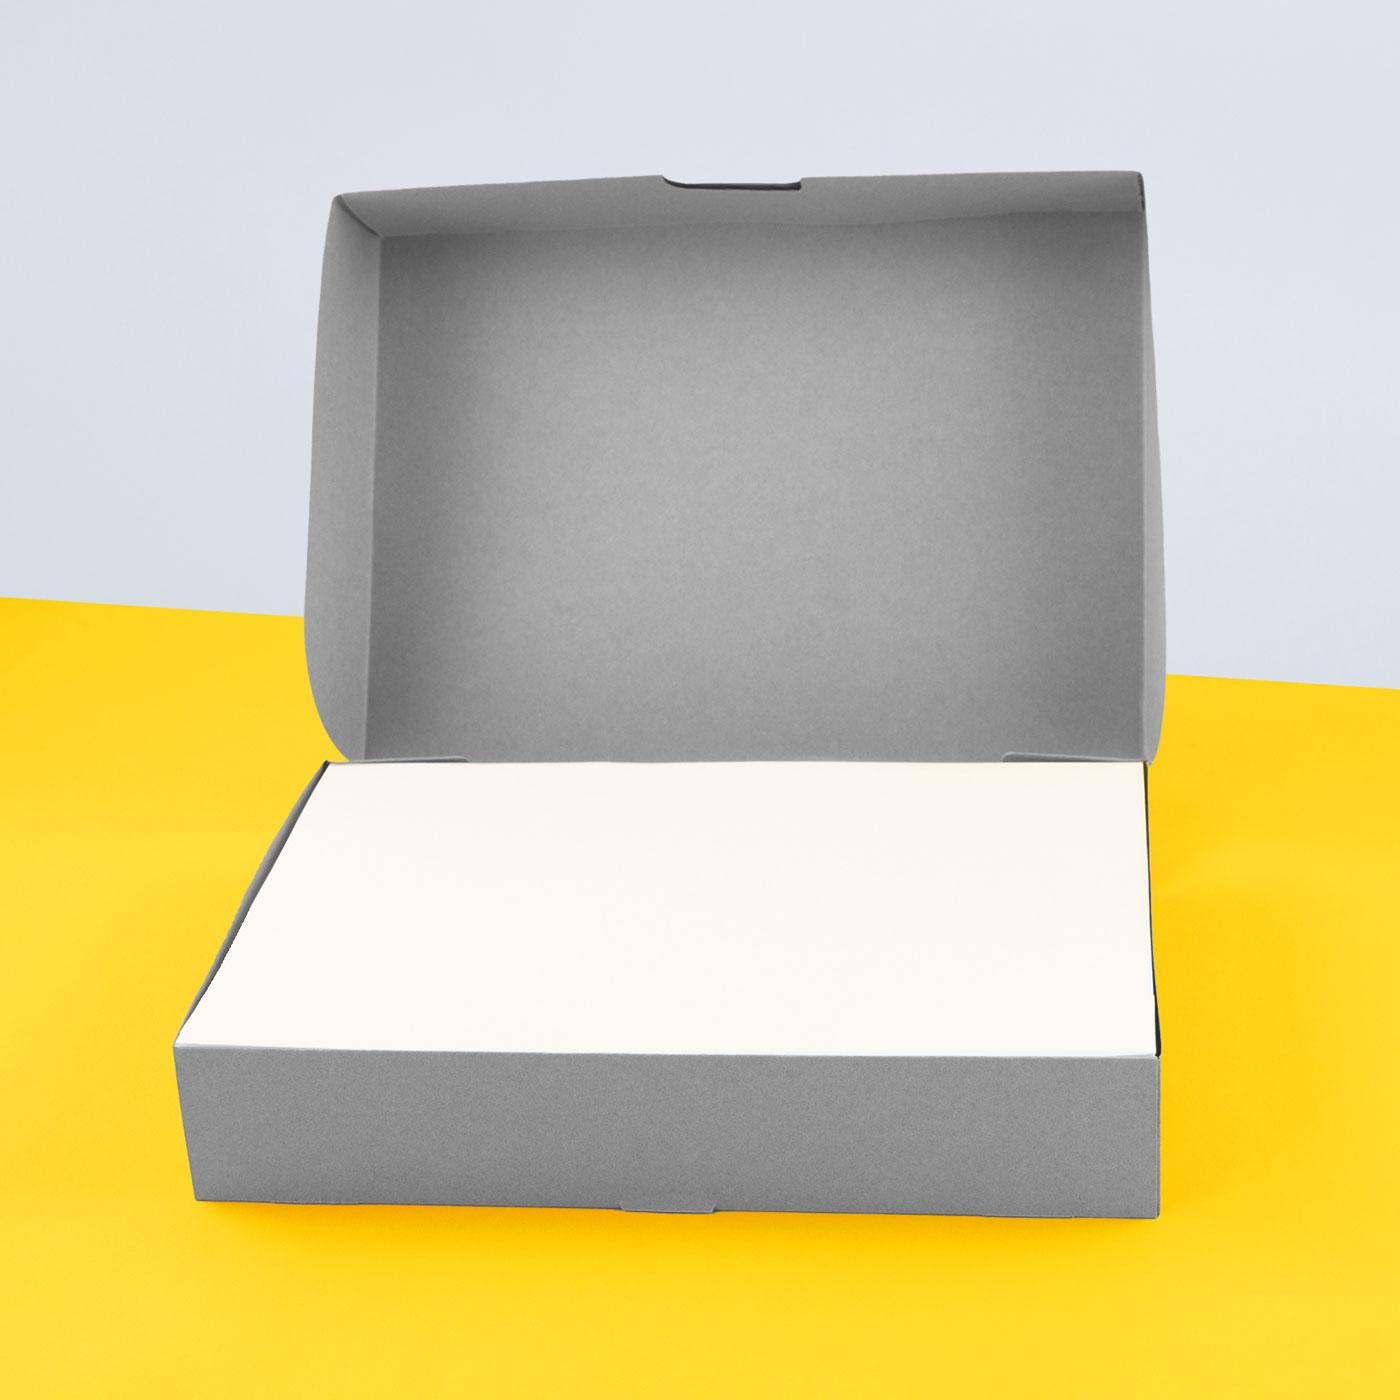 Archivpapier ohne optische Aufheller